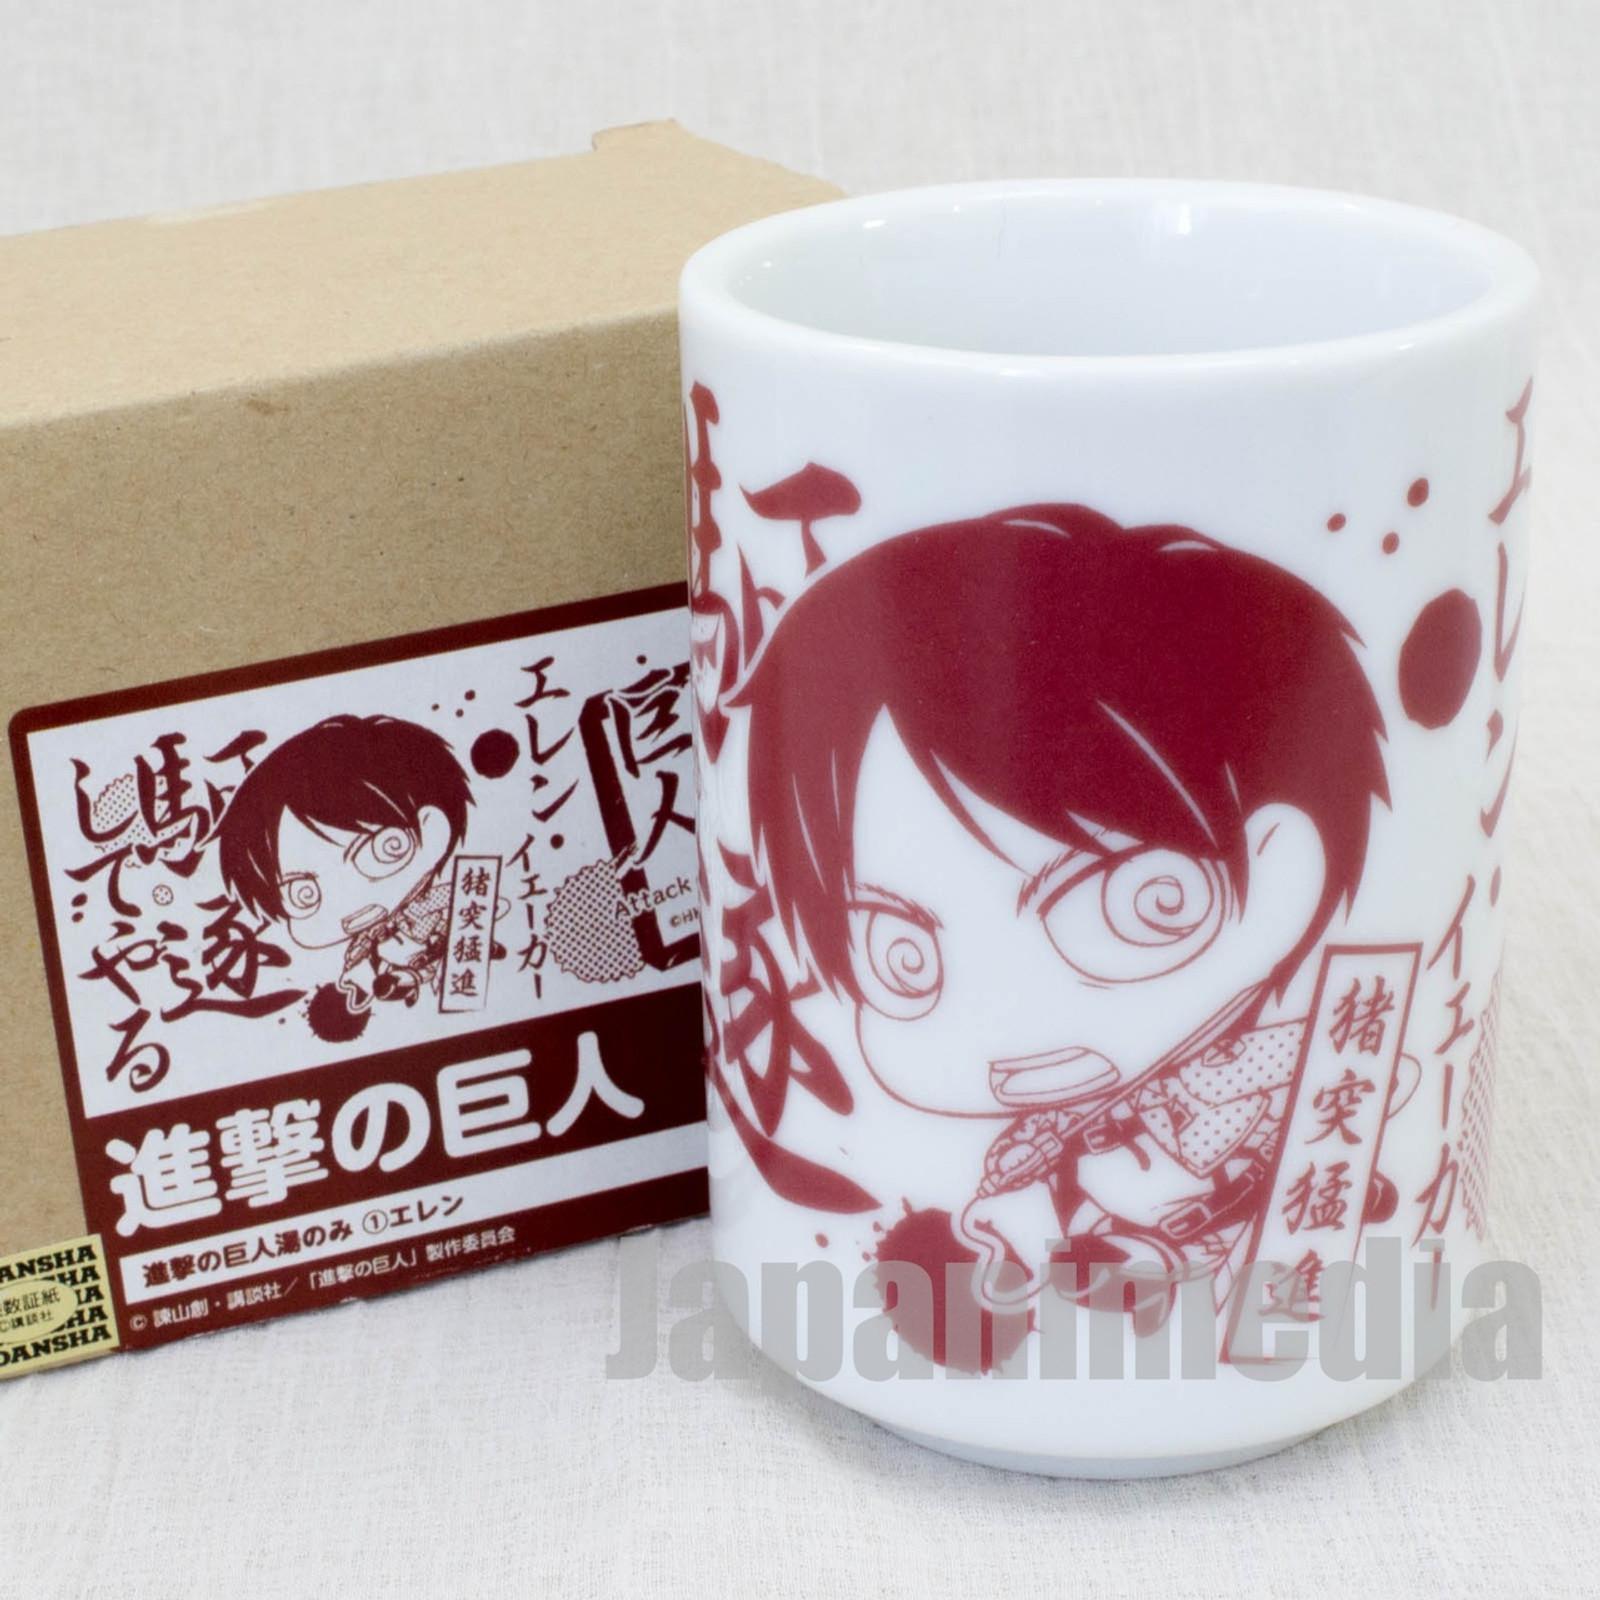 Attack on Titan Yunomi Japanese Tea Cup Eren Yeager Ver. JAPAN ANIME MANGA